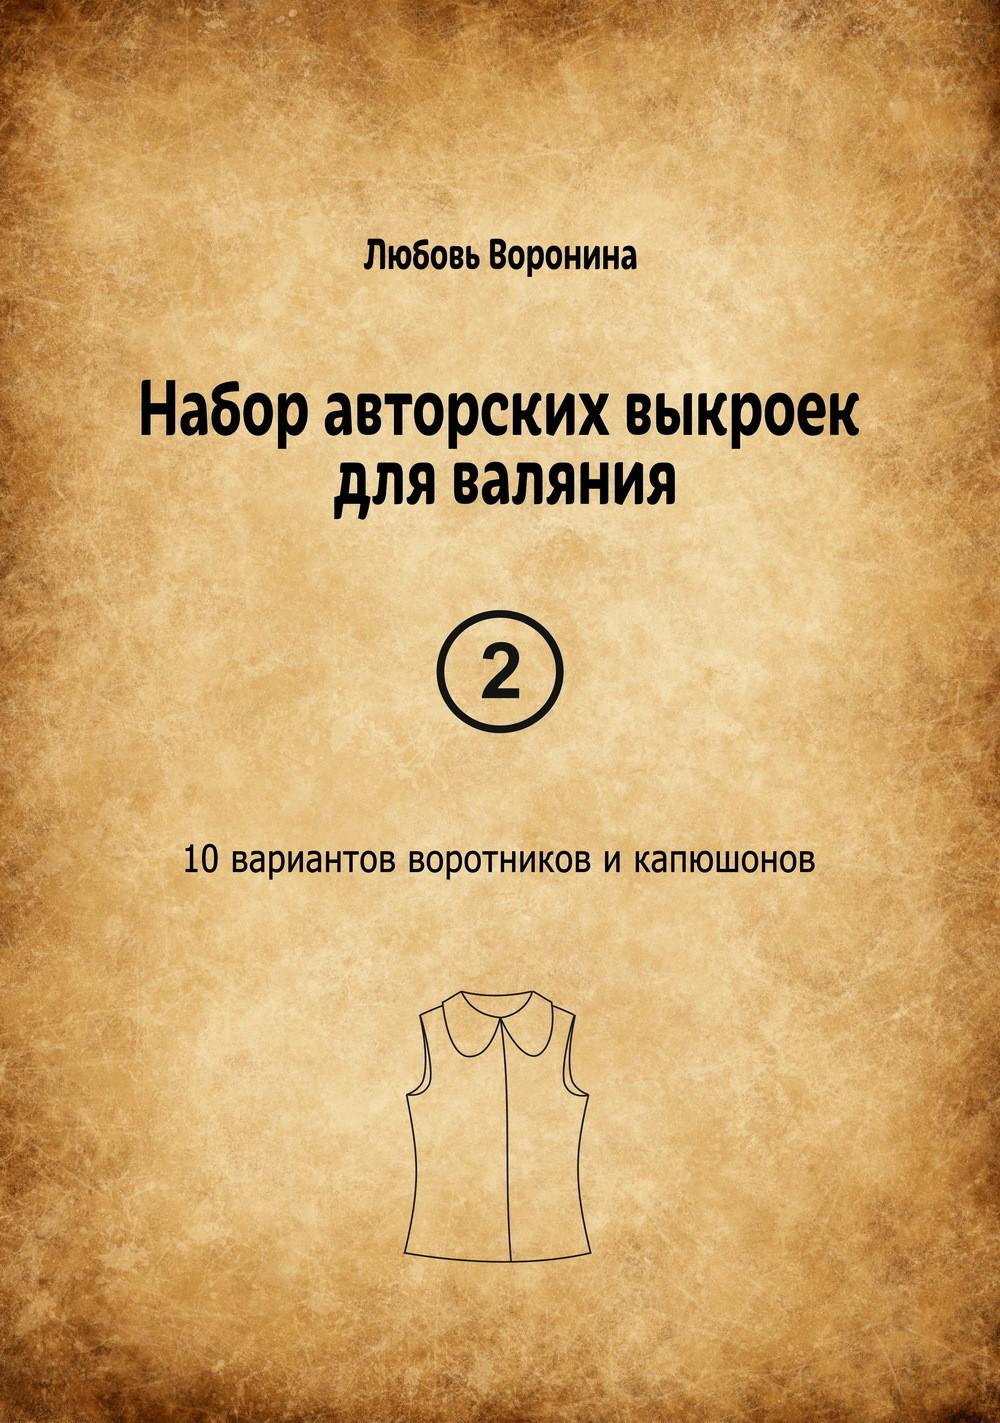 02. 10 вариантов воротников и капюшонов